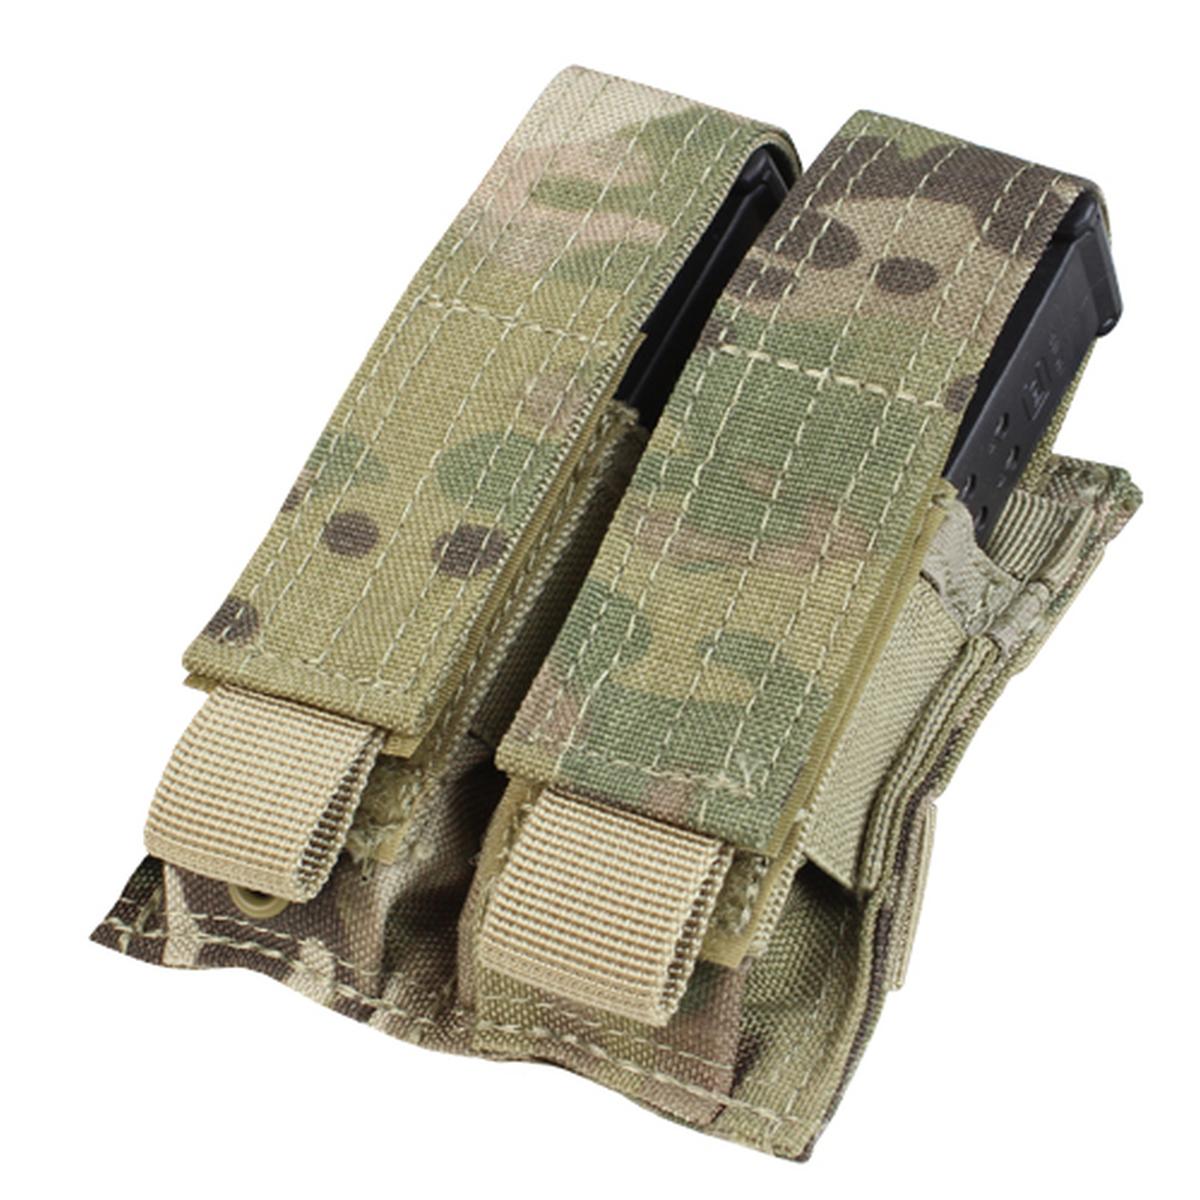 Double Pistol Mag Pouch, Multicam-